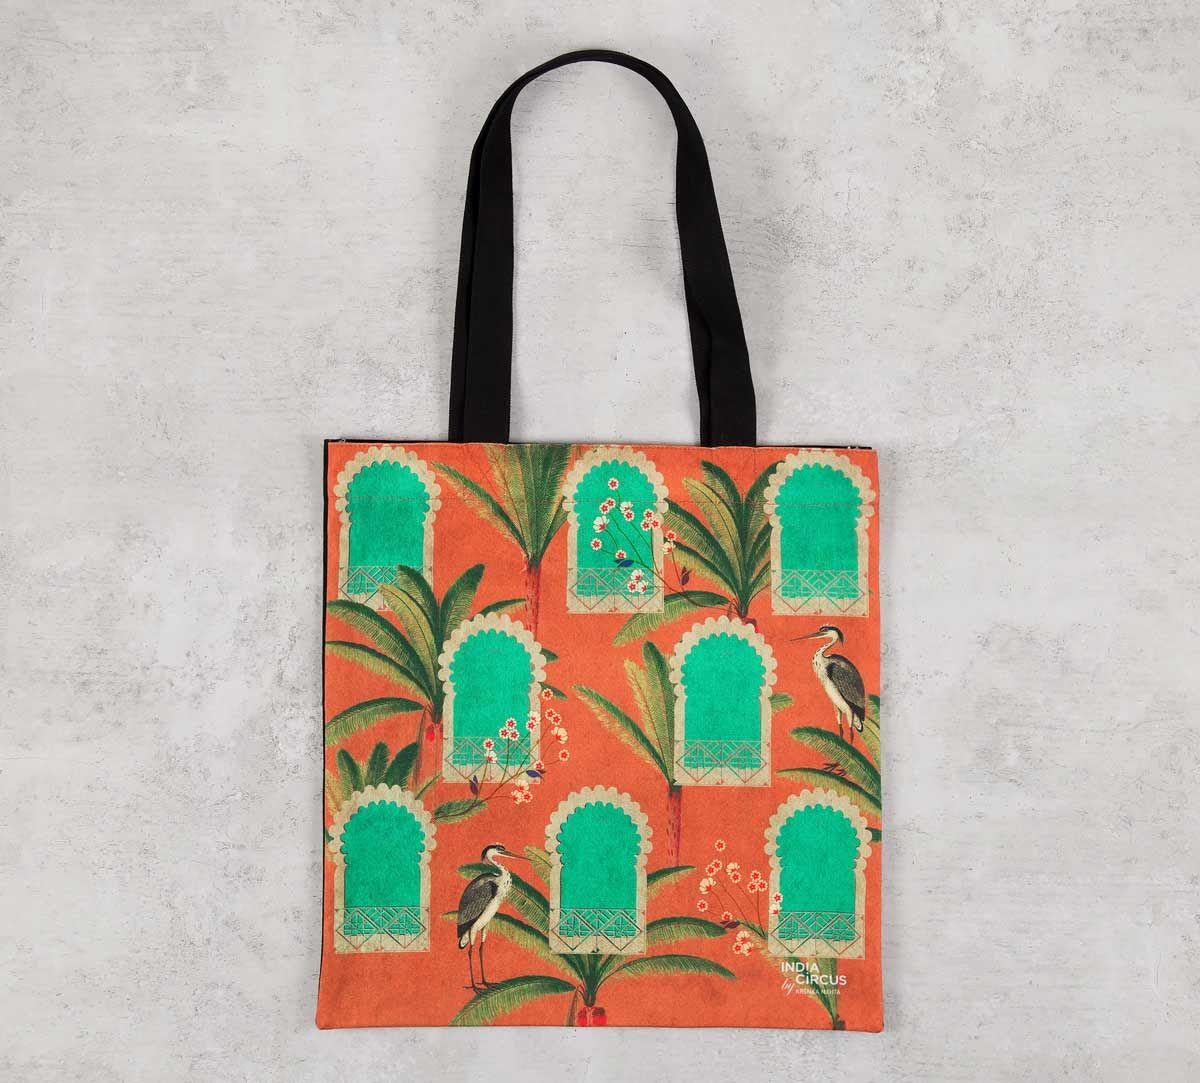 India Circus Heron's Palace Jhola Bag